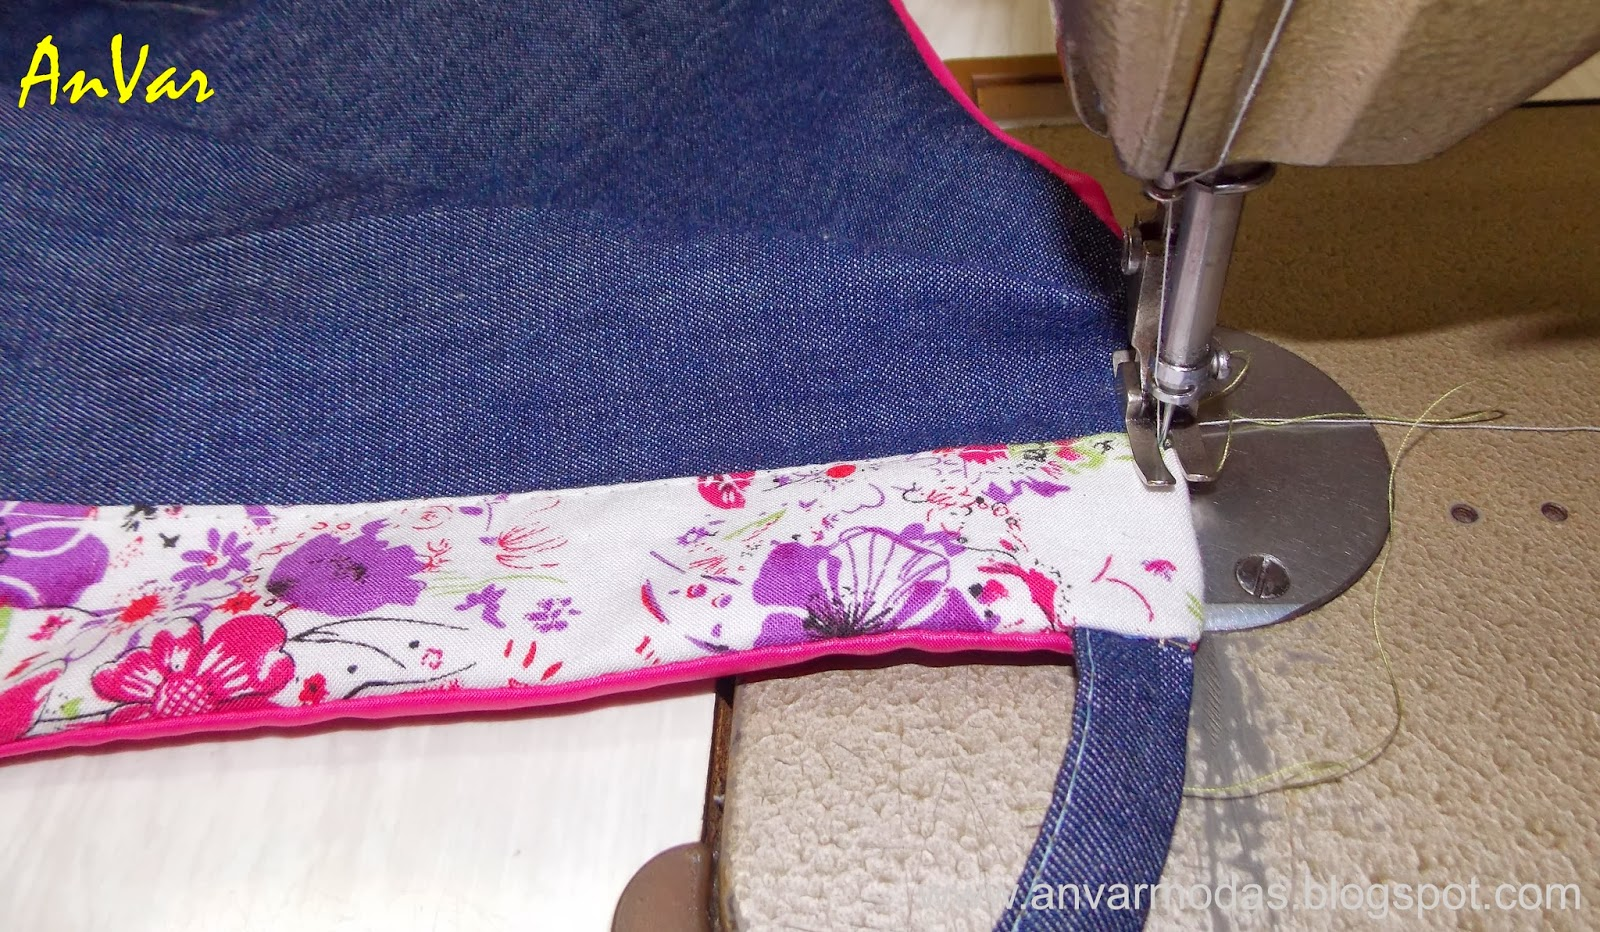 Anvar modister a delantal de cocina - Modelos de delantales de cocina ...